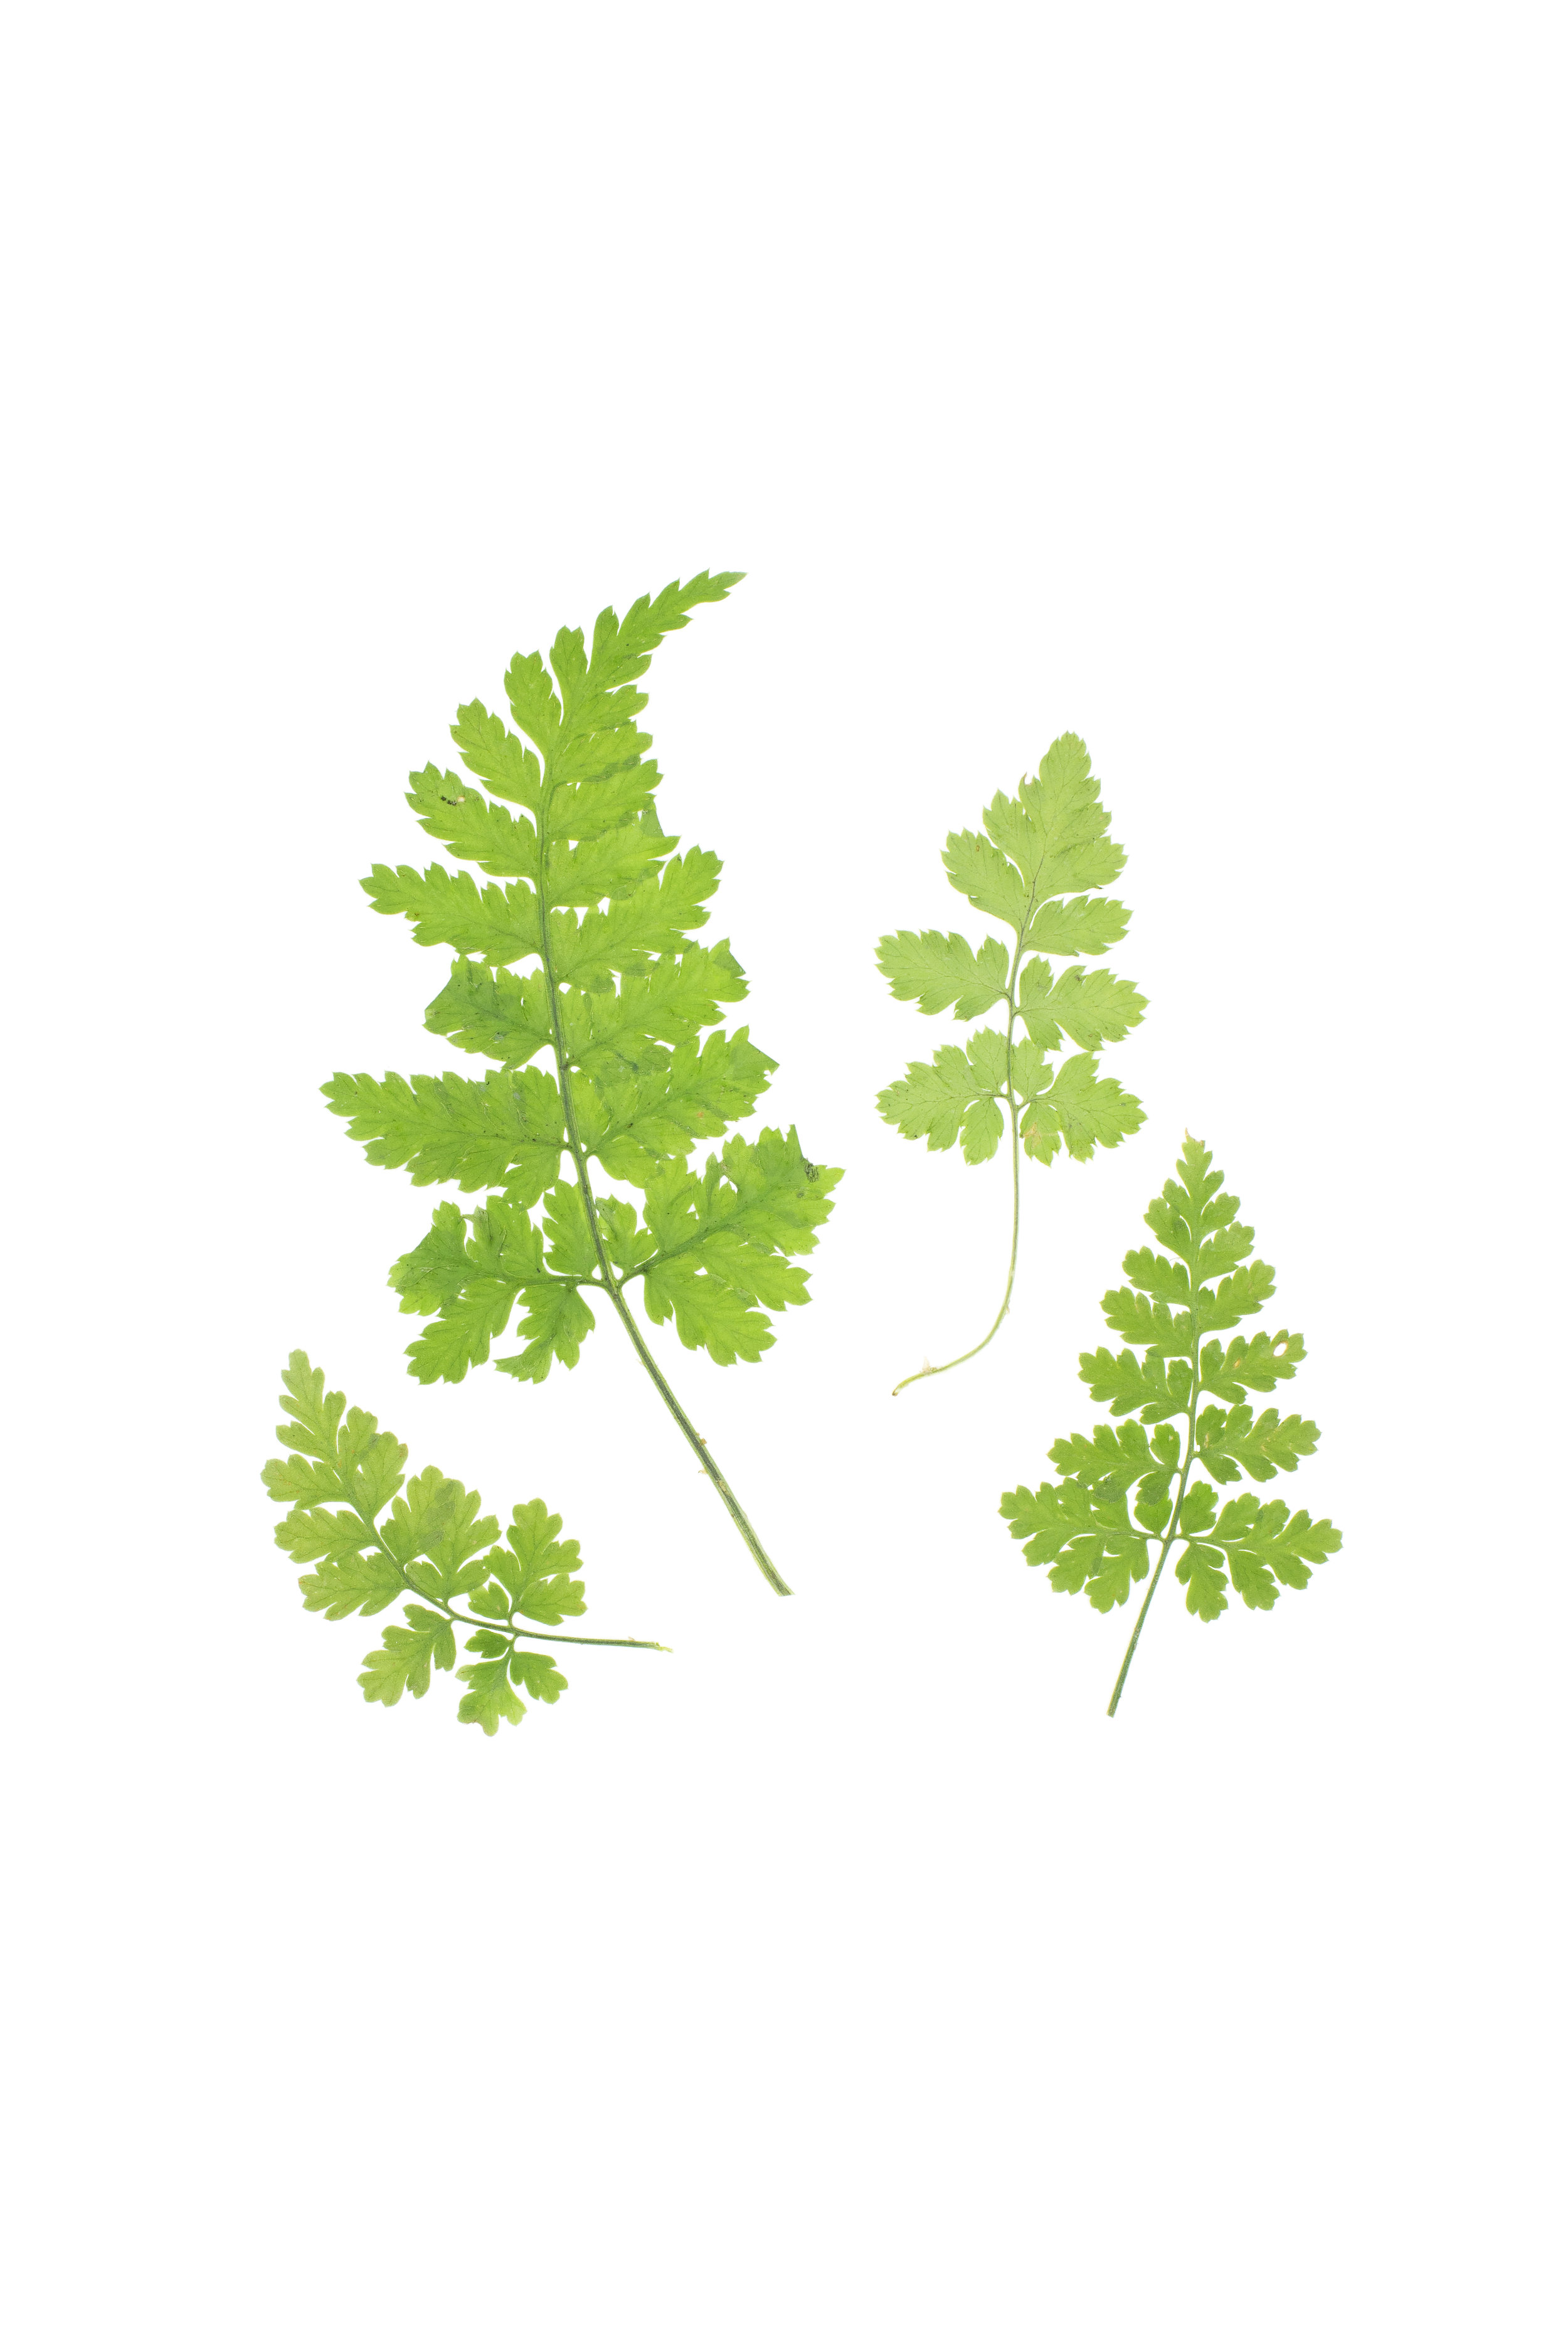 Brittle Bladder Fern / Cystopteris fragilis